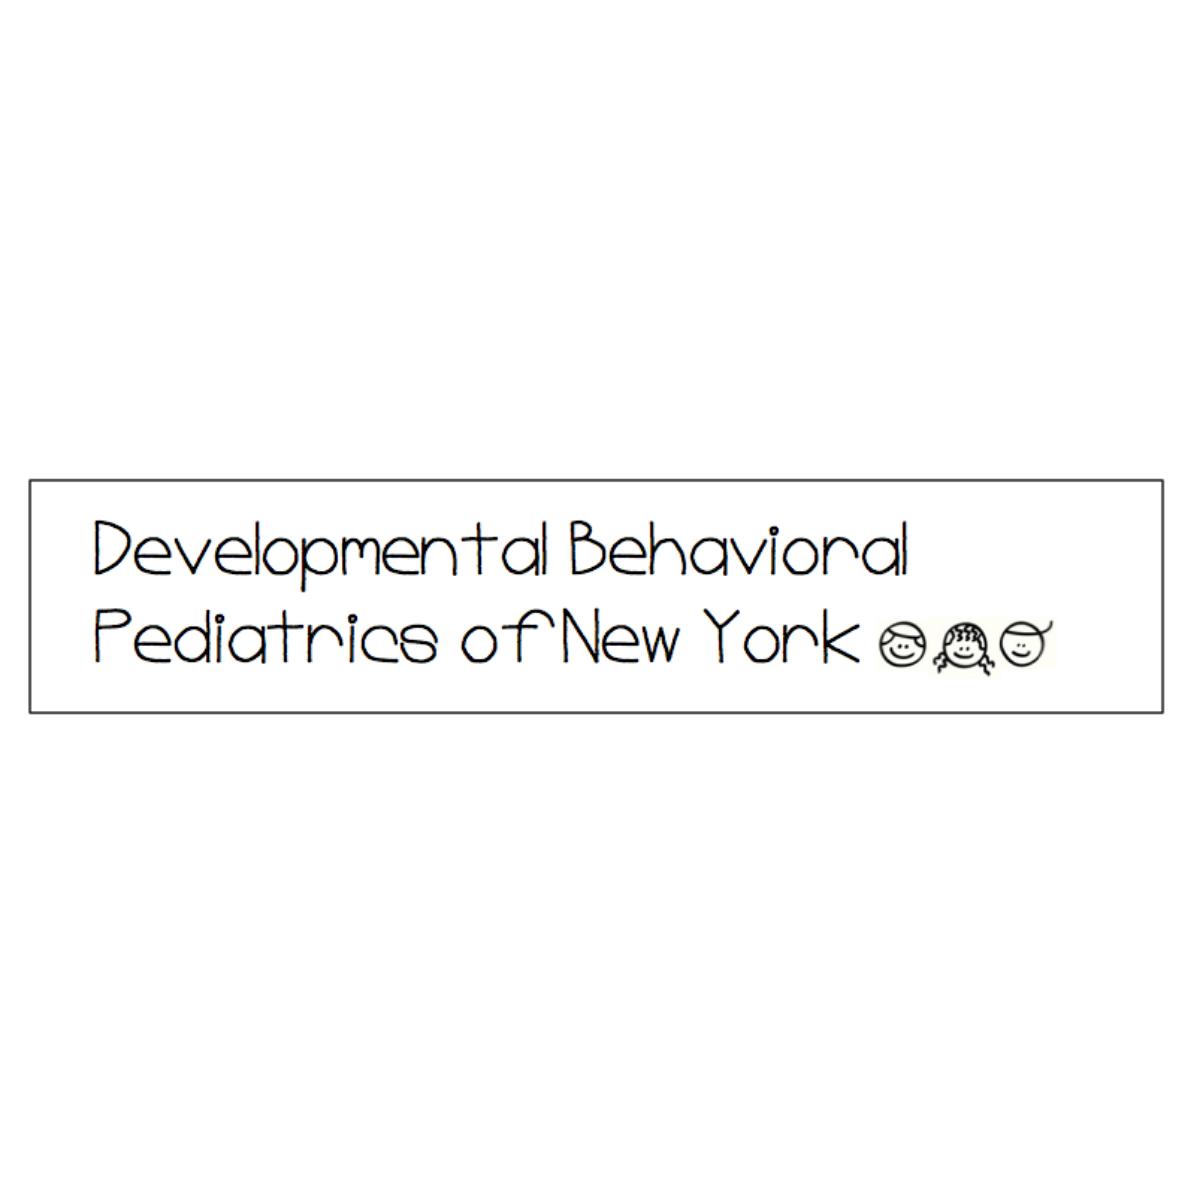 Developmental Behavioral Pediatrics of New York